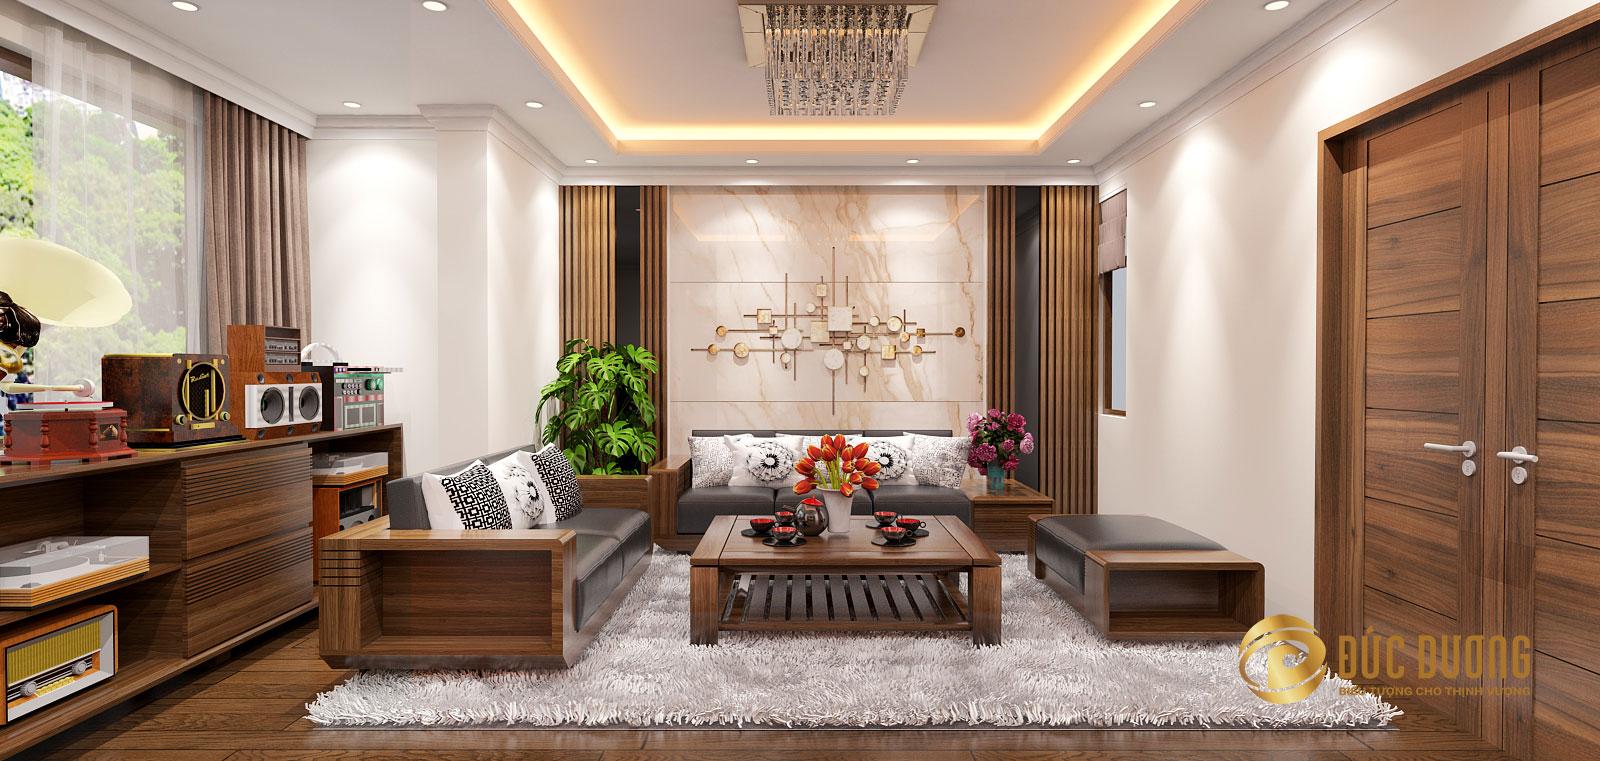 Các mẫu thiết kế nội thất gia đình đẹp